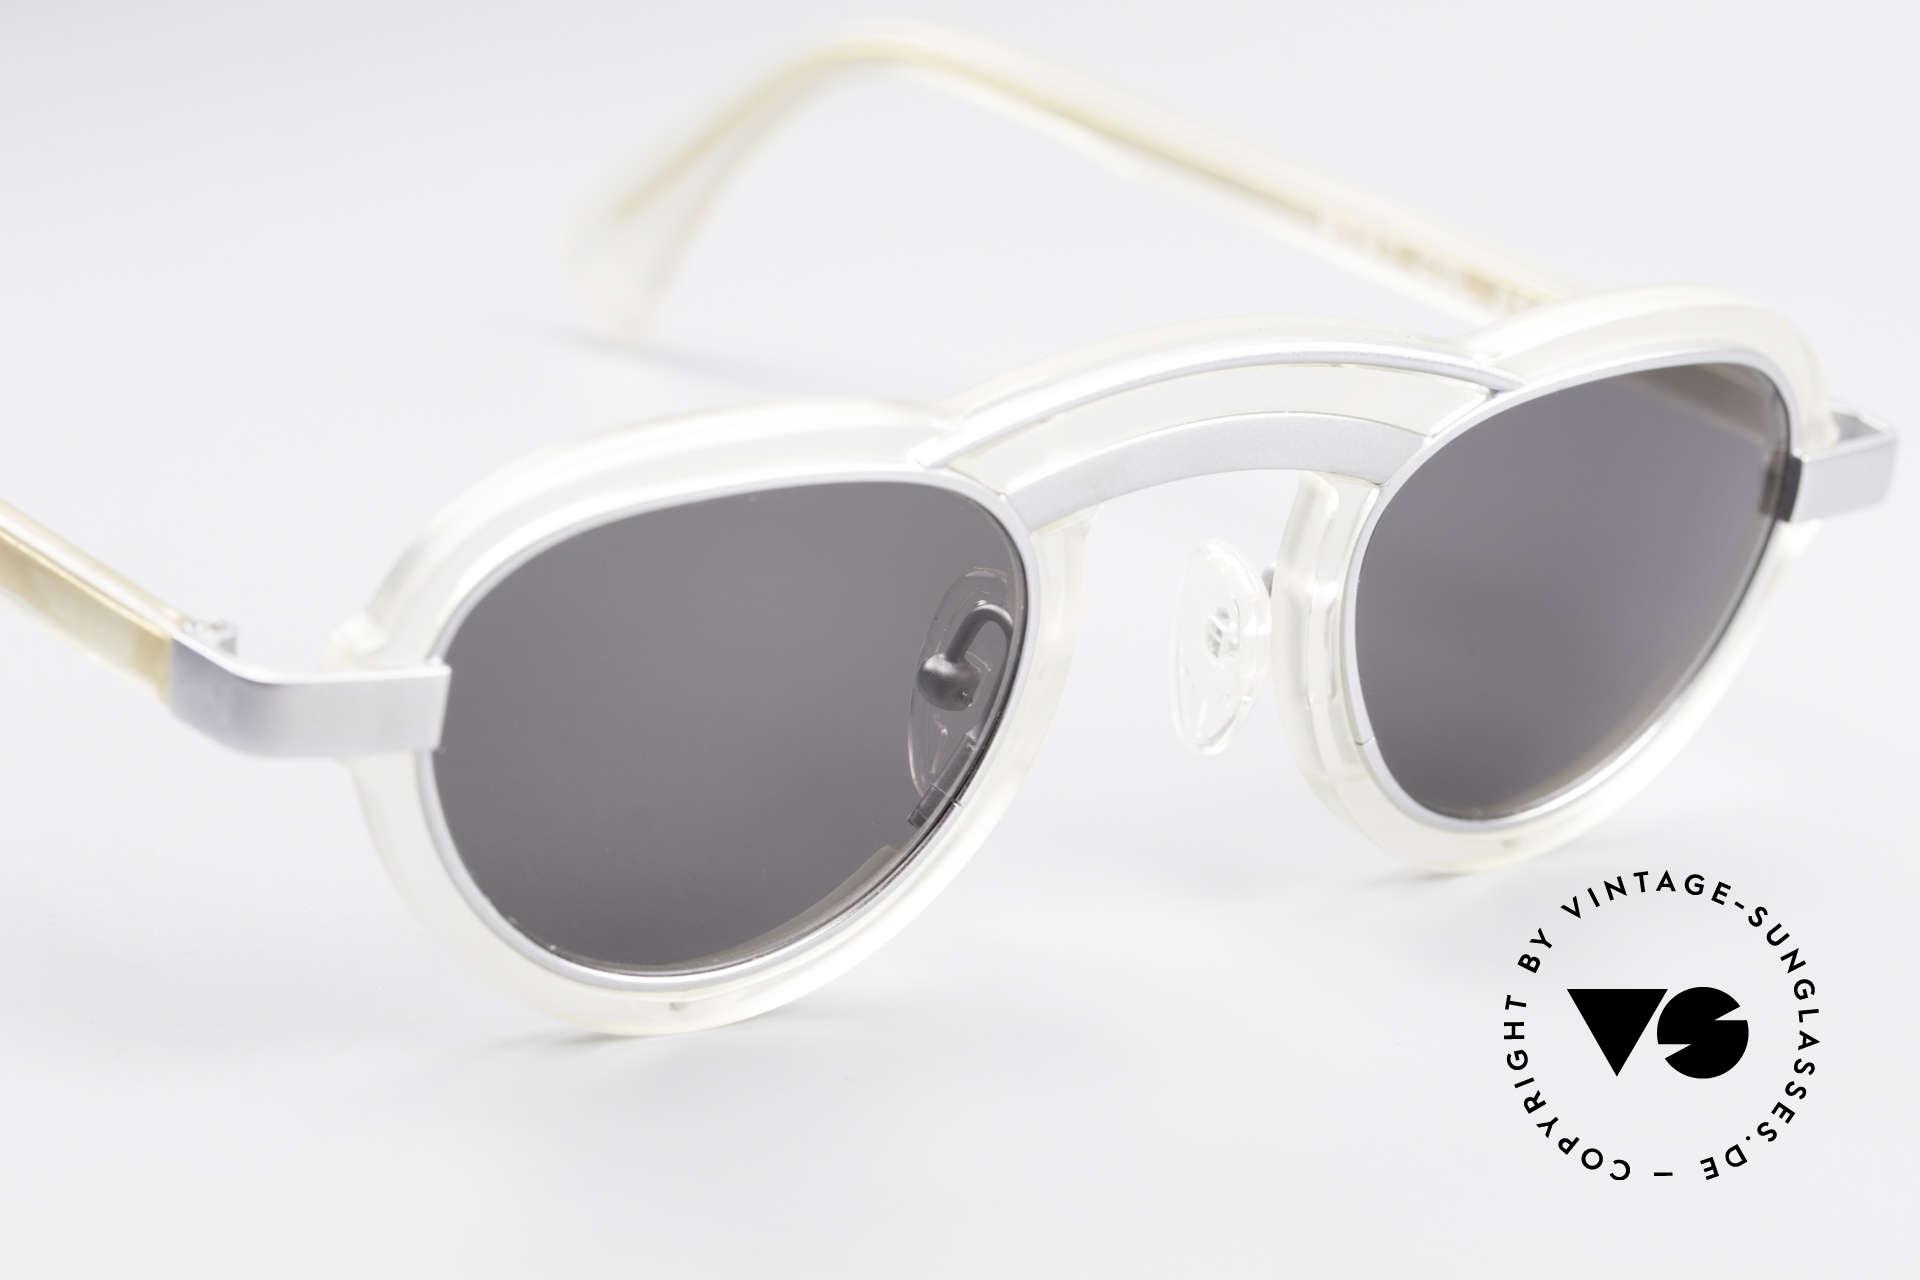 Alain Mikli 5107 / 0506 80's Designer Sunglasses, with dark gray sun lenses (for 100% UV protection), Made for Men and Women